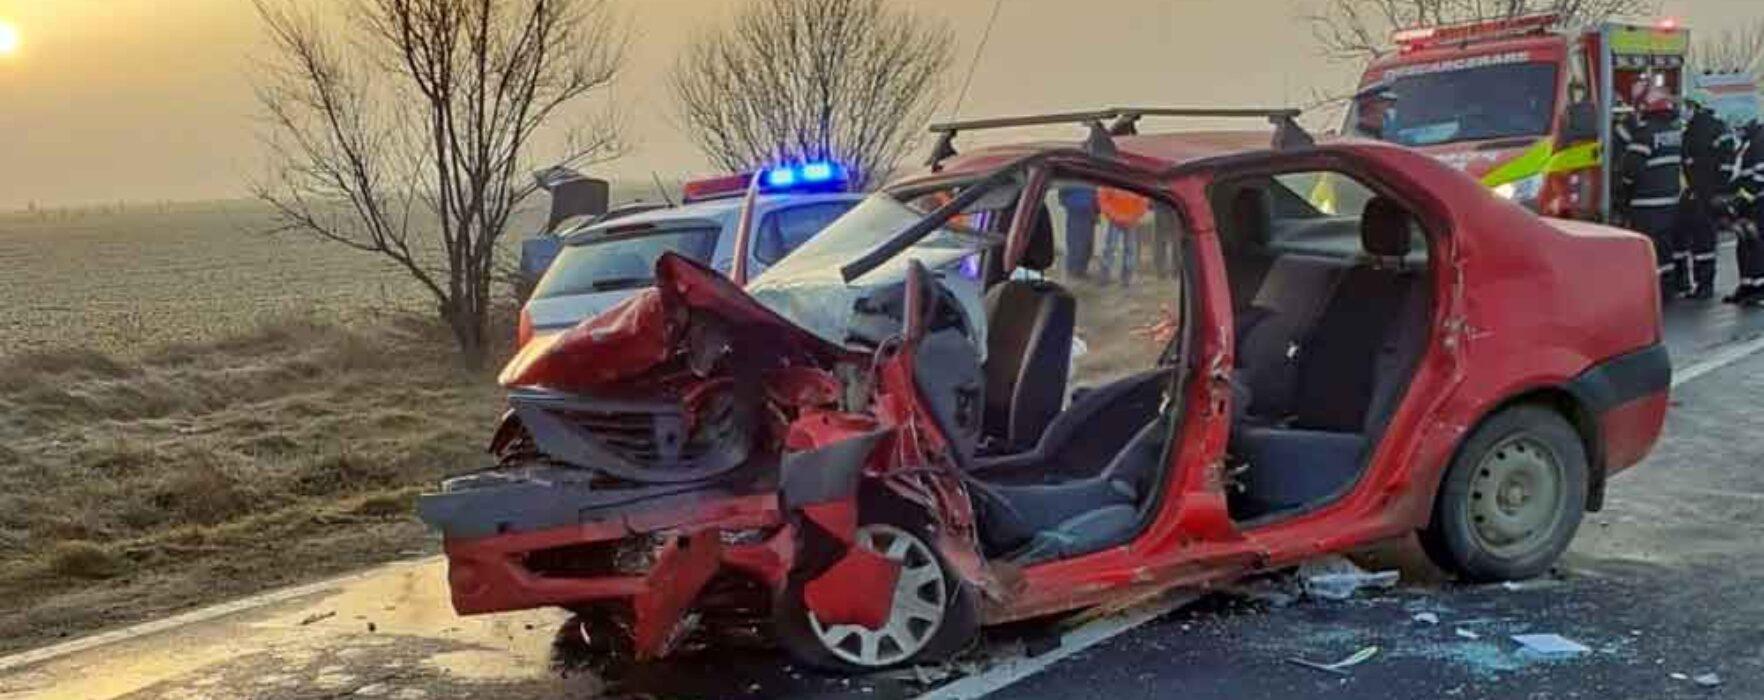 Dâmboviţa: Accident pe DN 71, un microbuz implicat şi cinci persoane rănite